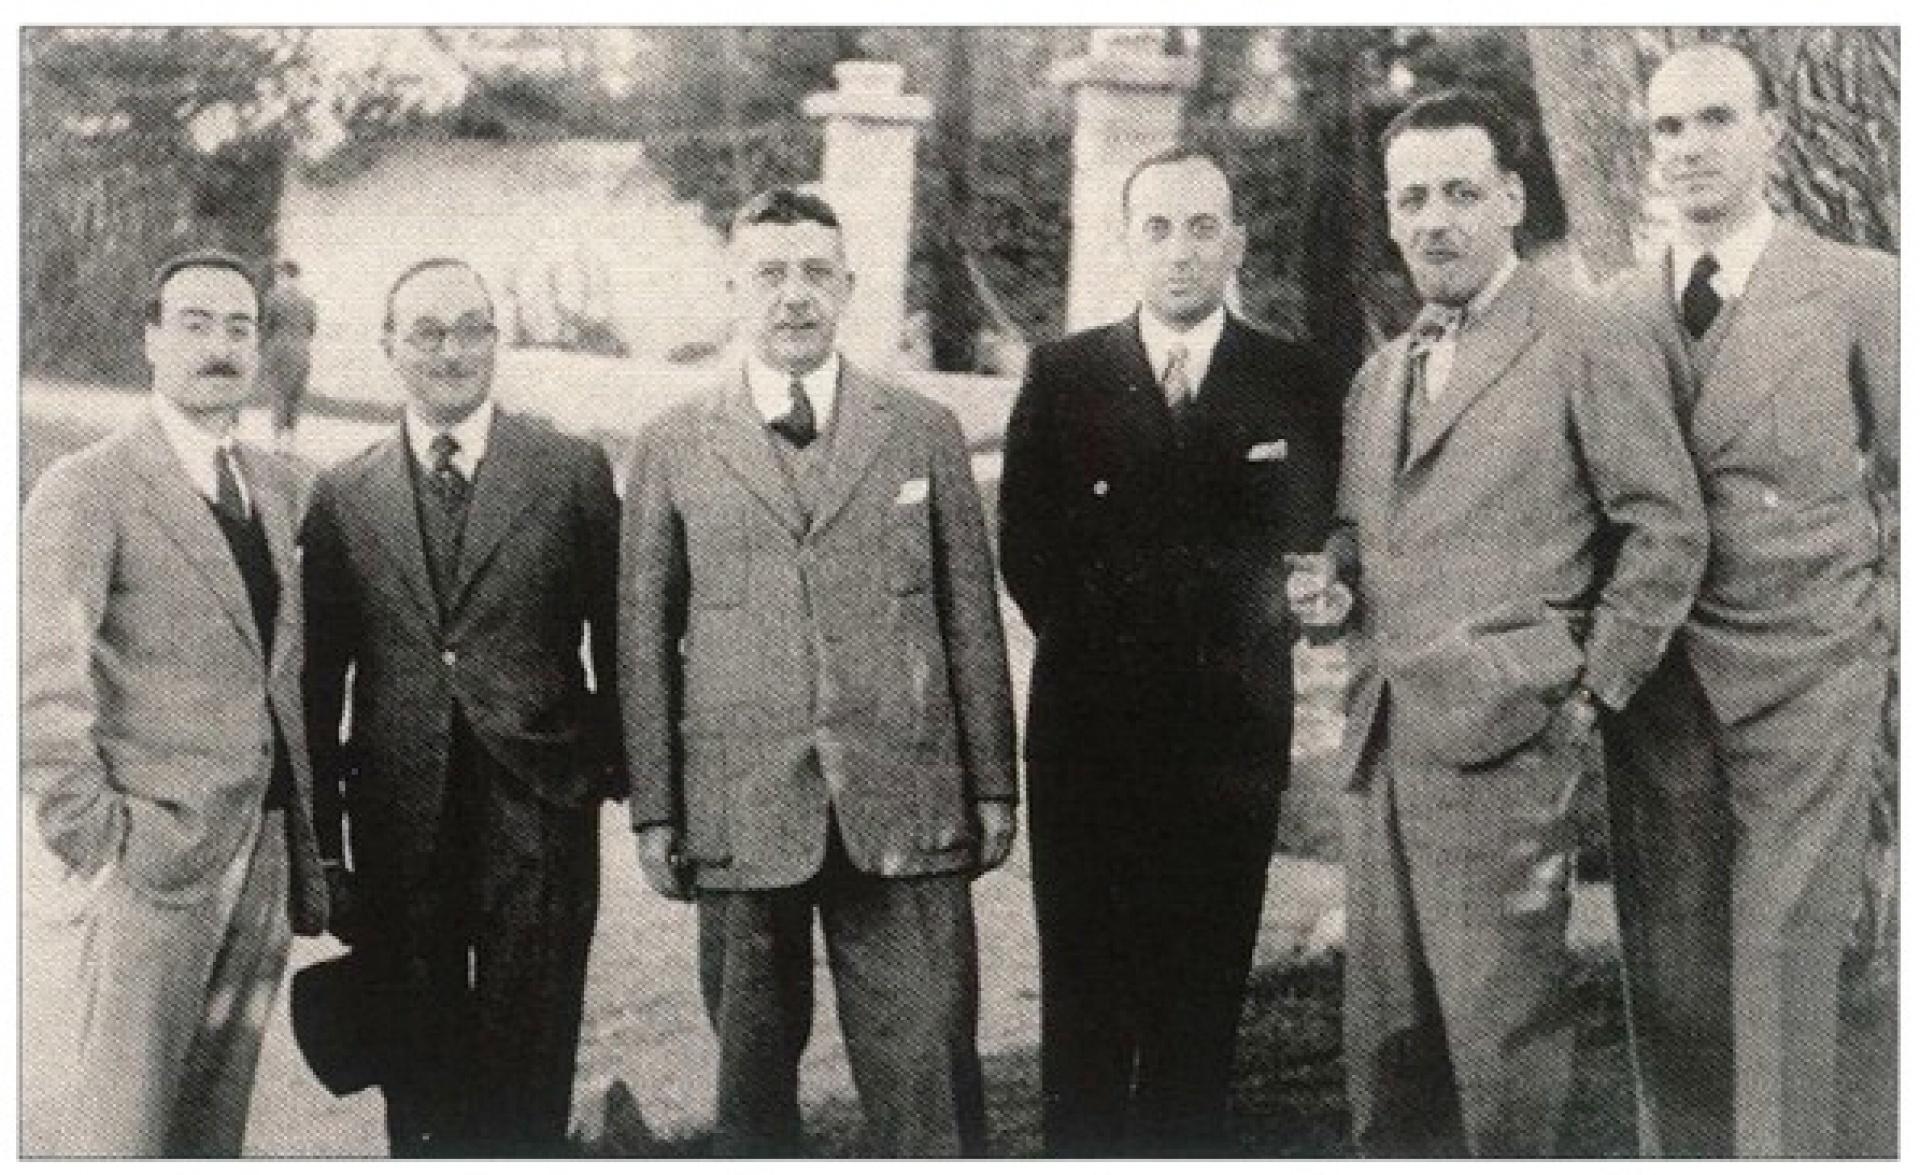 Le Premier Comité avec de gauche à droite:   P. de Demandolx, Ch. Daher, G. Frager, S. Zarifi (Président), R. Jourdan-Barry, A. Terrin